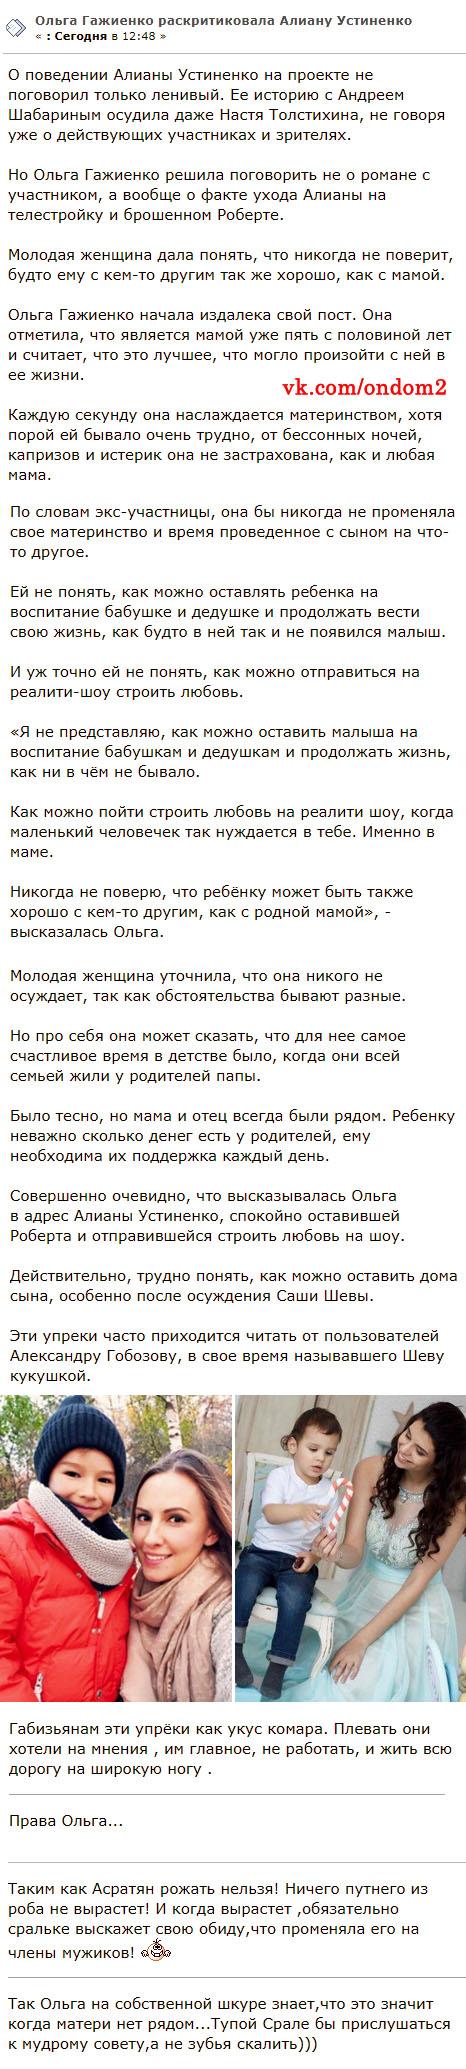 Новость про Ольгу Гажиенко и Алиану Гобозову (Устиненко)